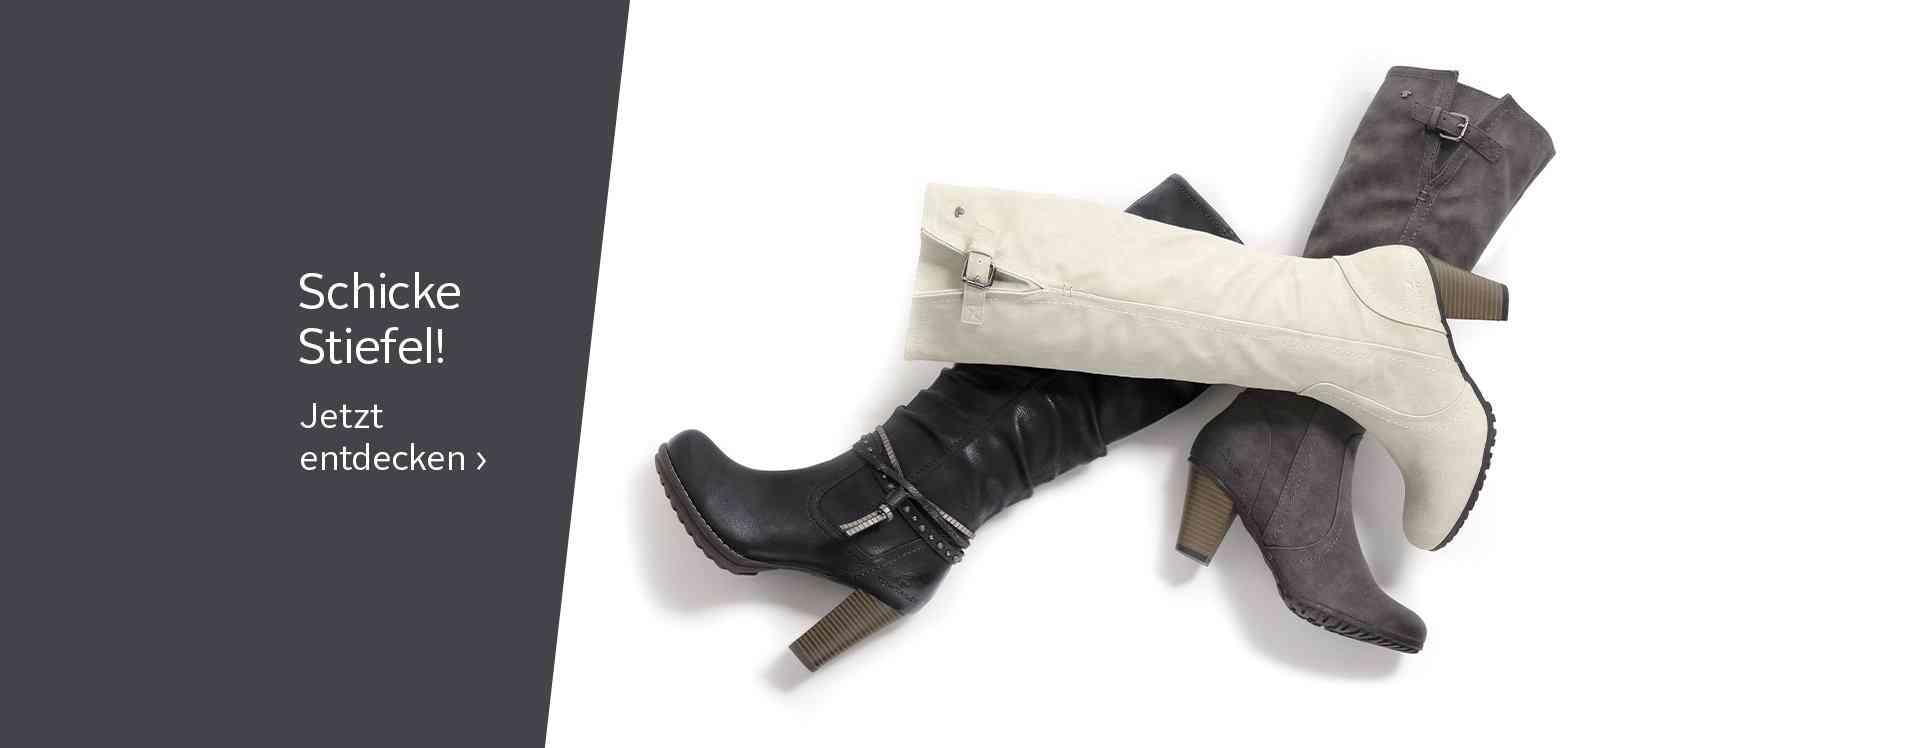 Damen-Stiefel in vielen Styles, die den femininen Look unterstreichen - sexy, schick oder sportlich.